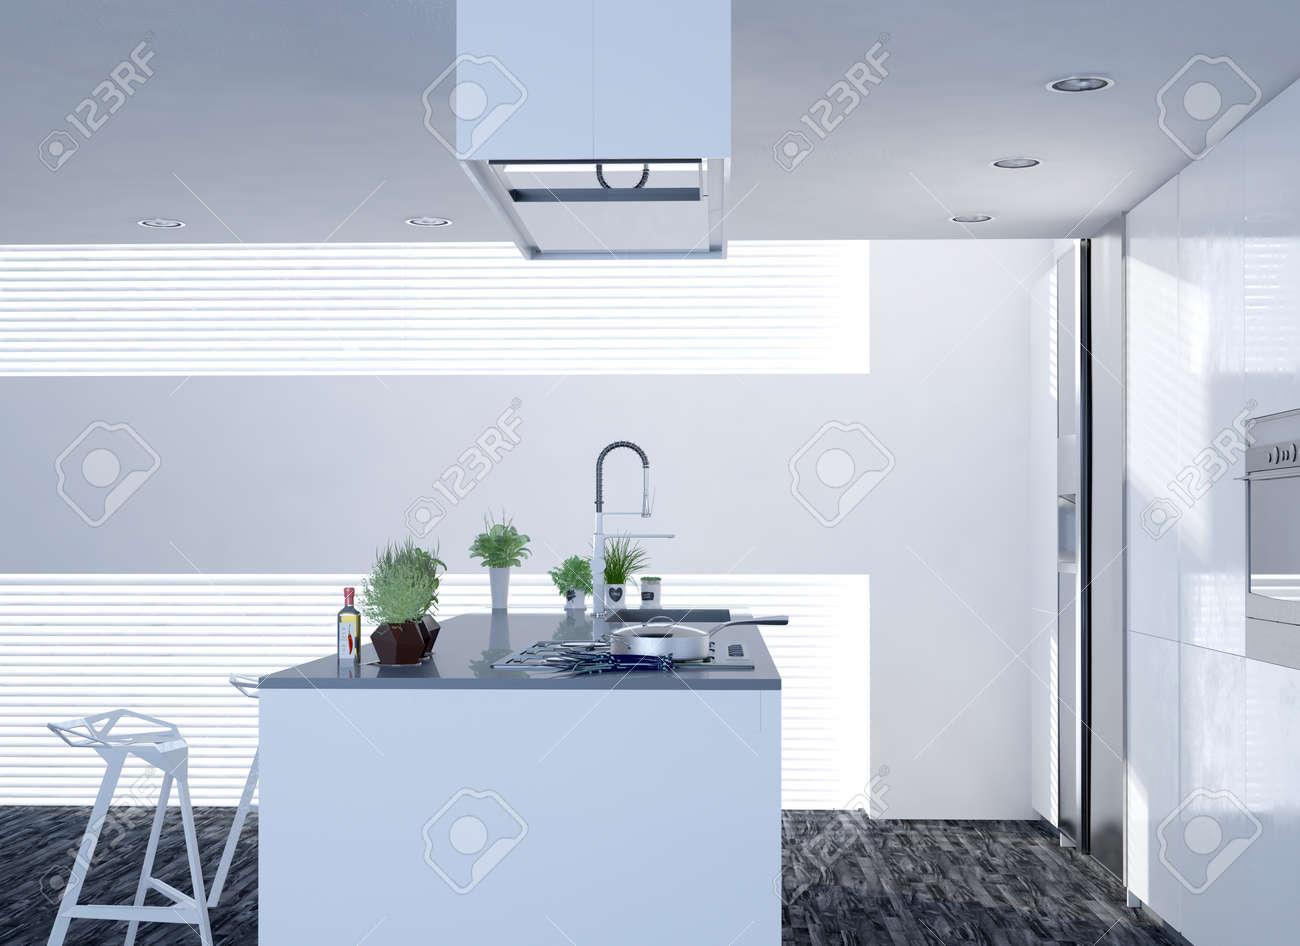 Compact décloisonné lumineux, cuisine blanc avec un décor moderne et un  îlot central avec tabourets de bar, table de cuisson et l\'évier en regard  ...